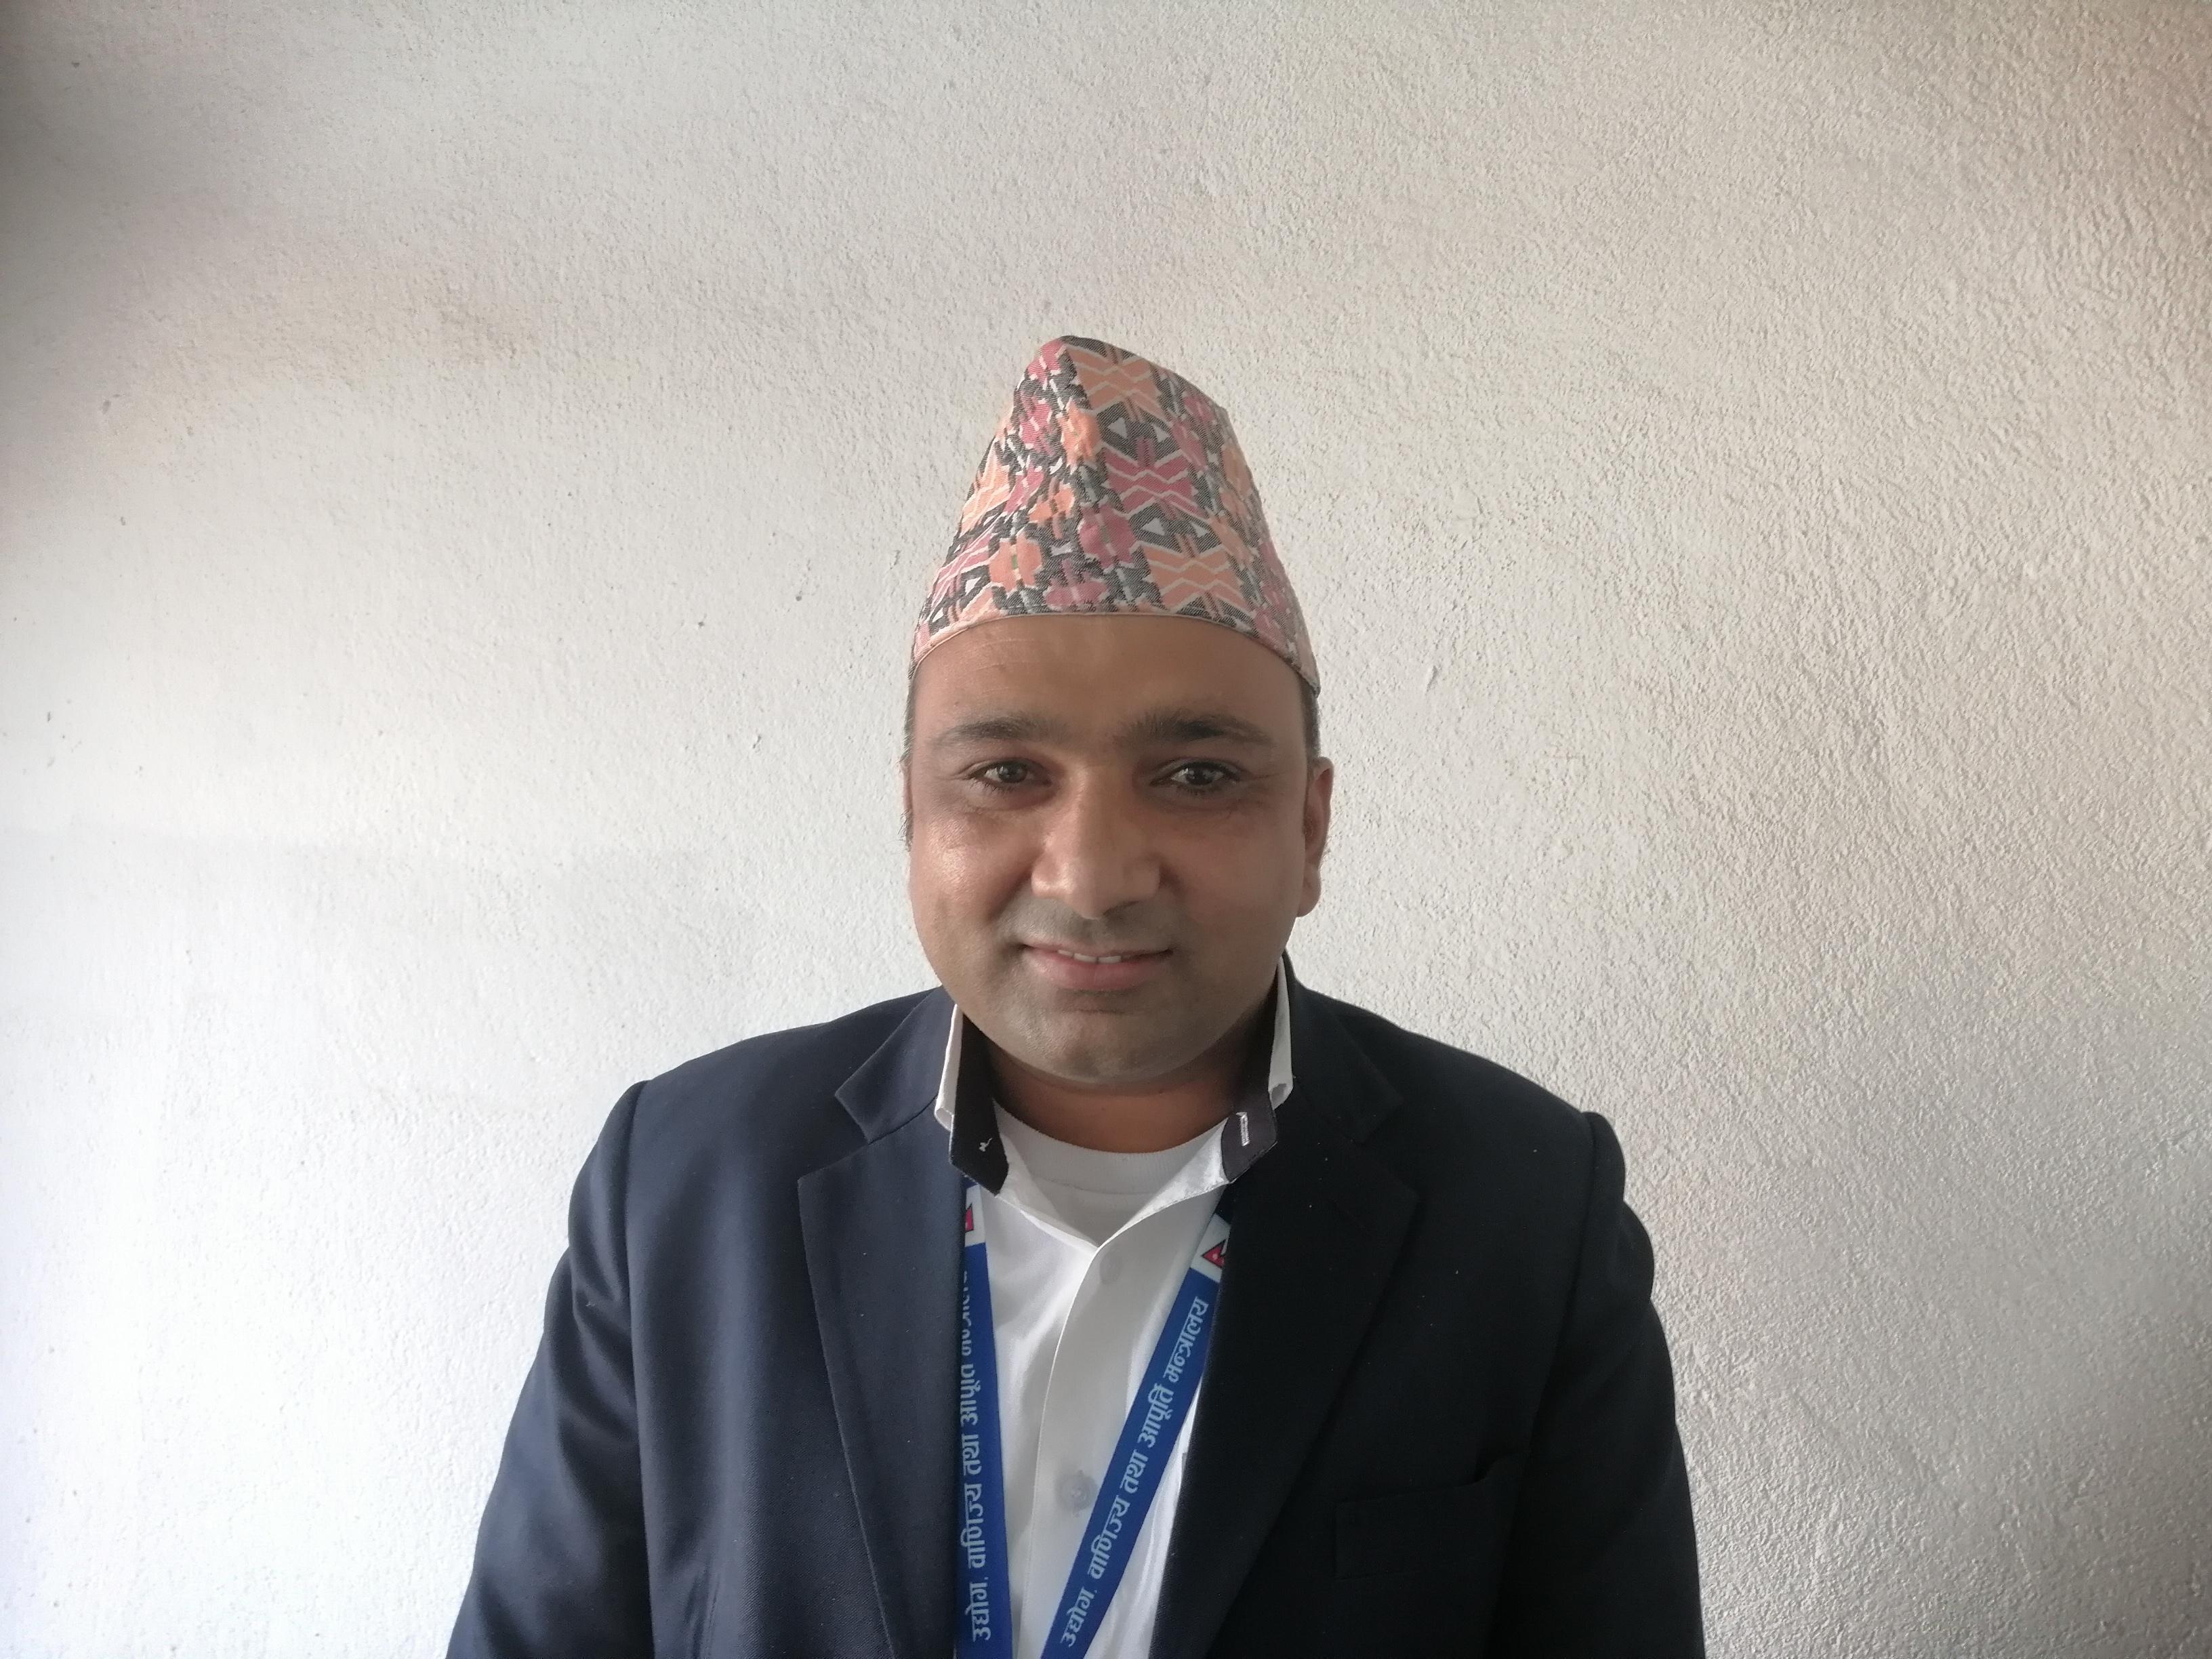 श्री कृष्णराज पाण्डे